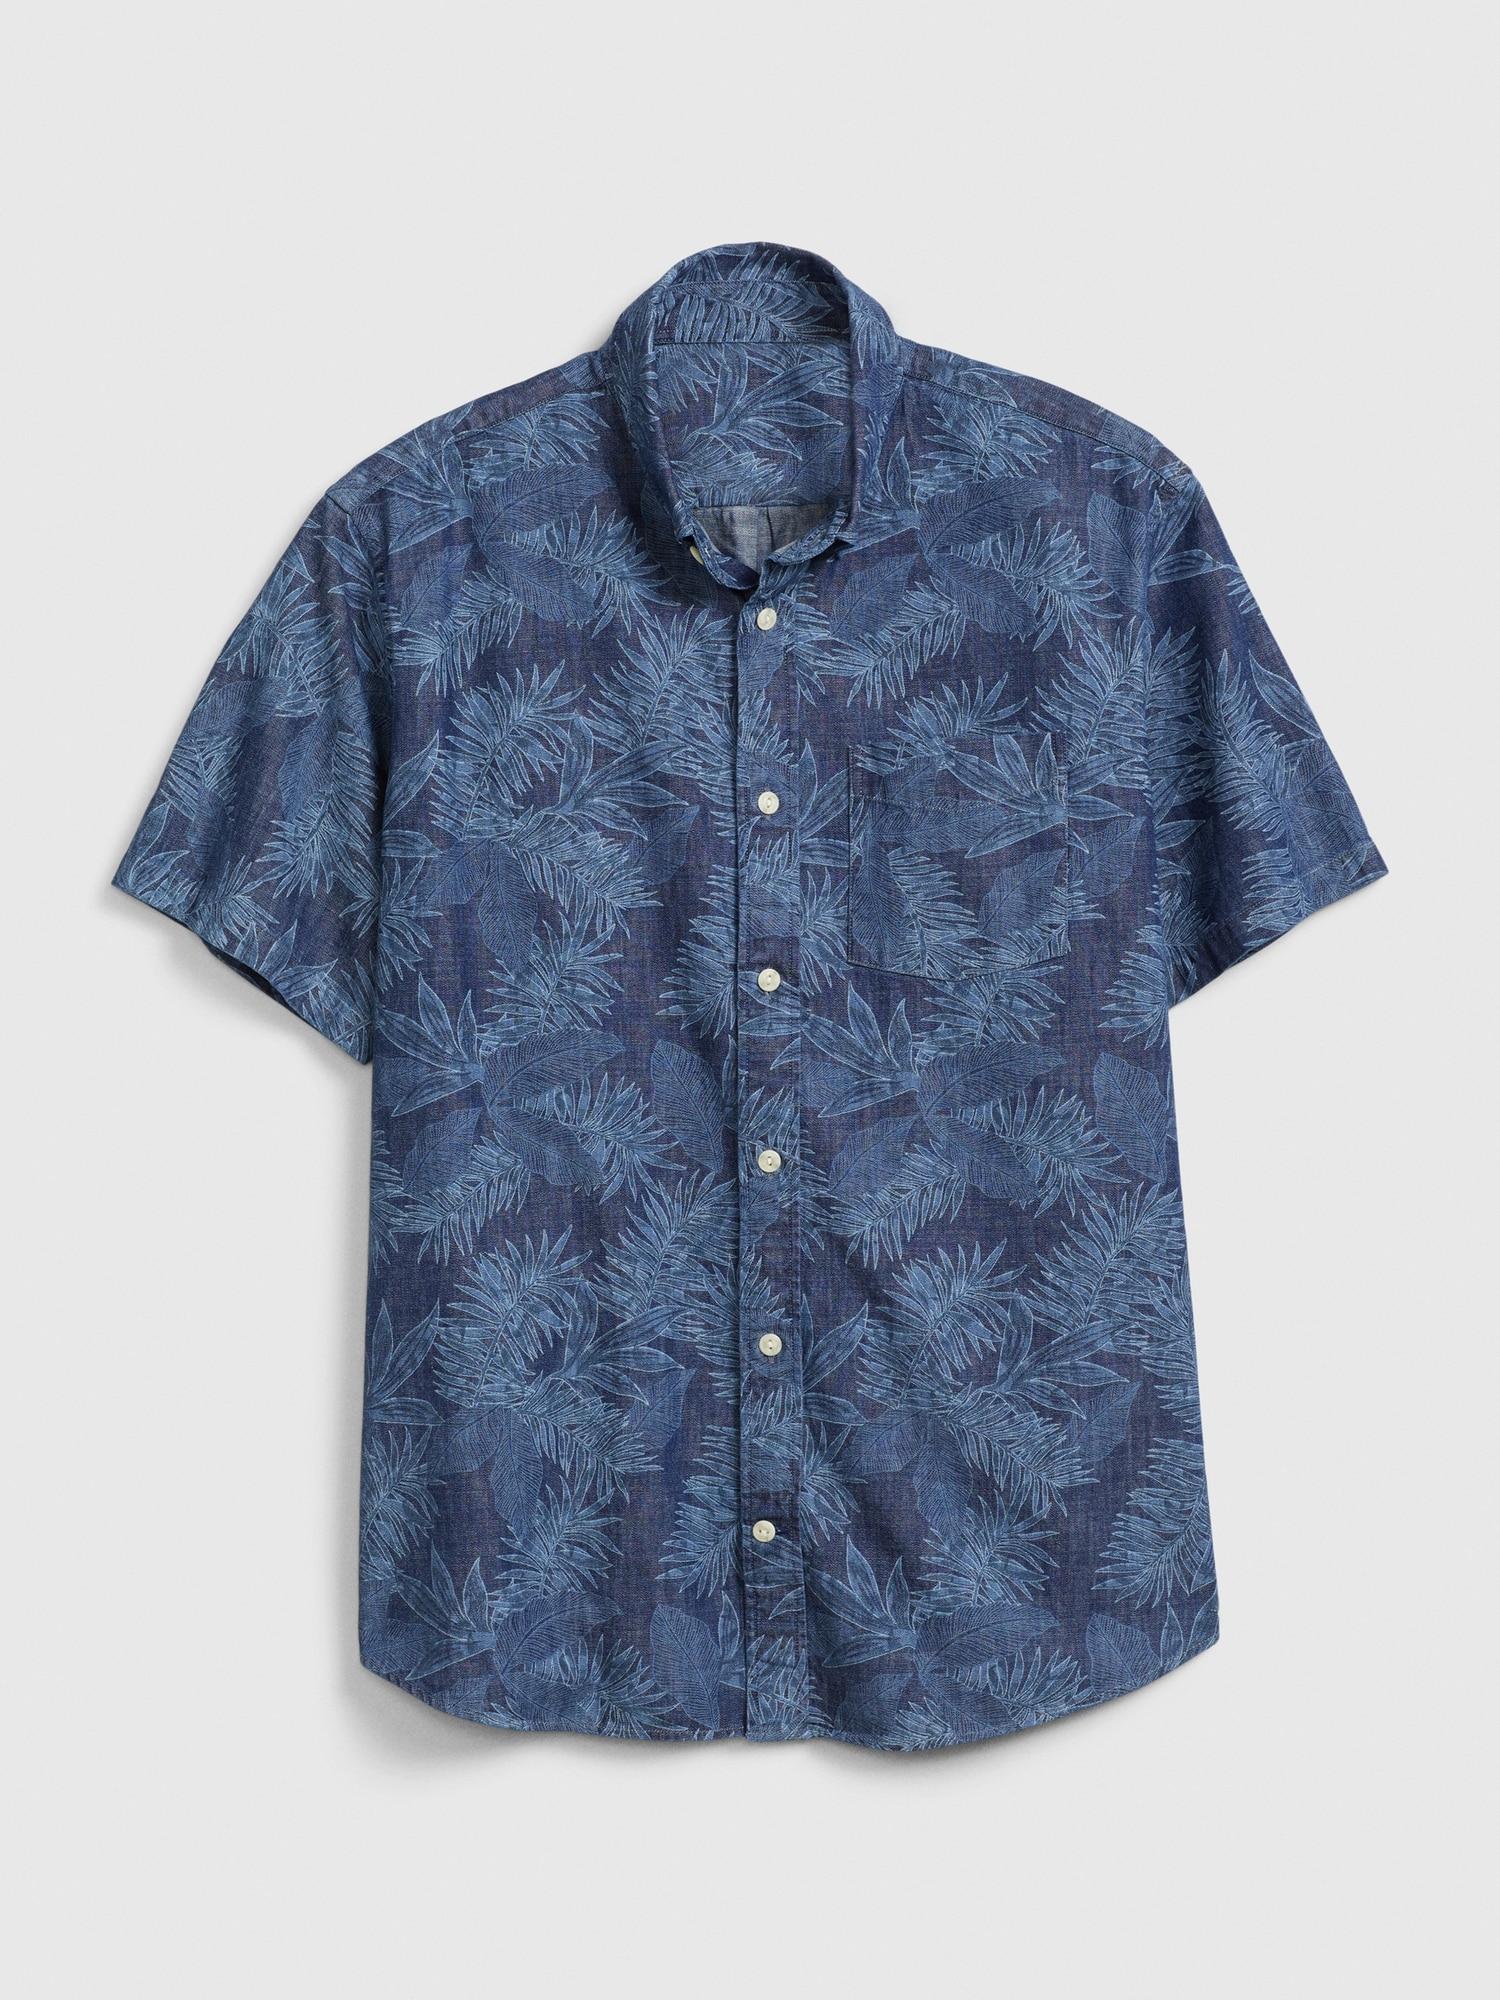 リブイン半袖ポプリンシャツ